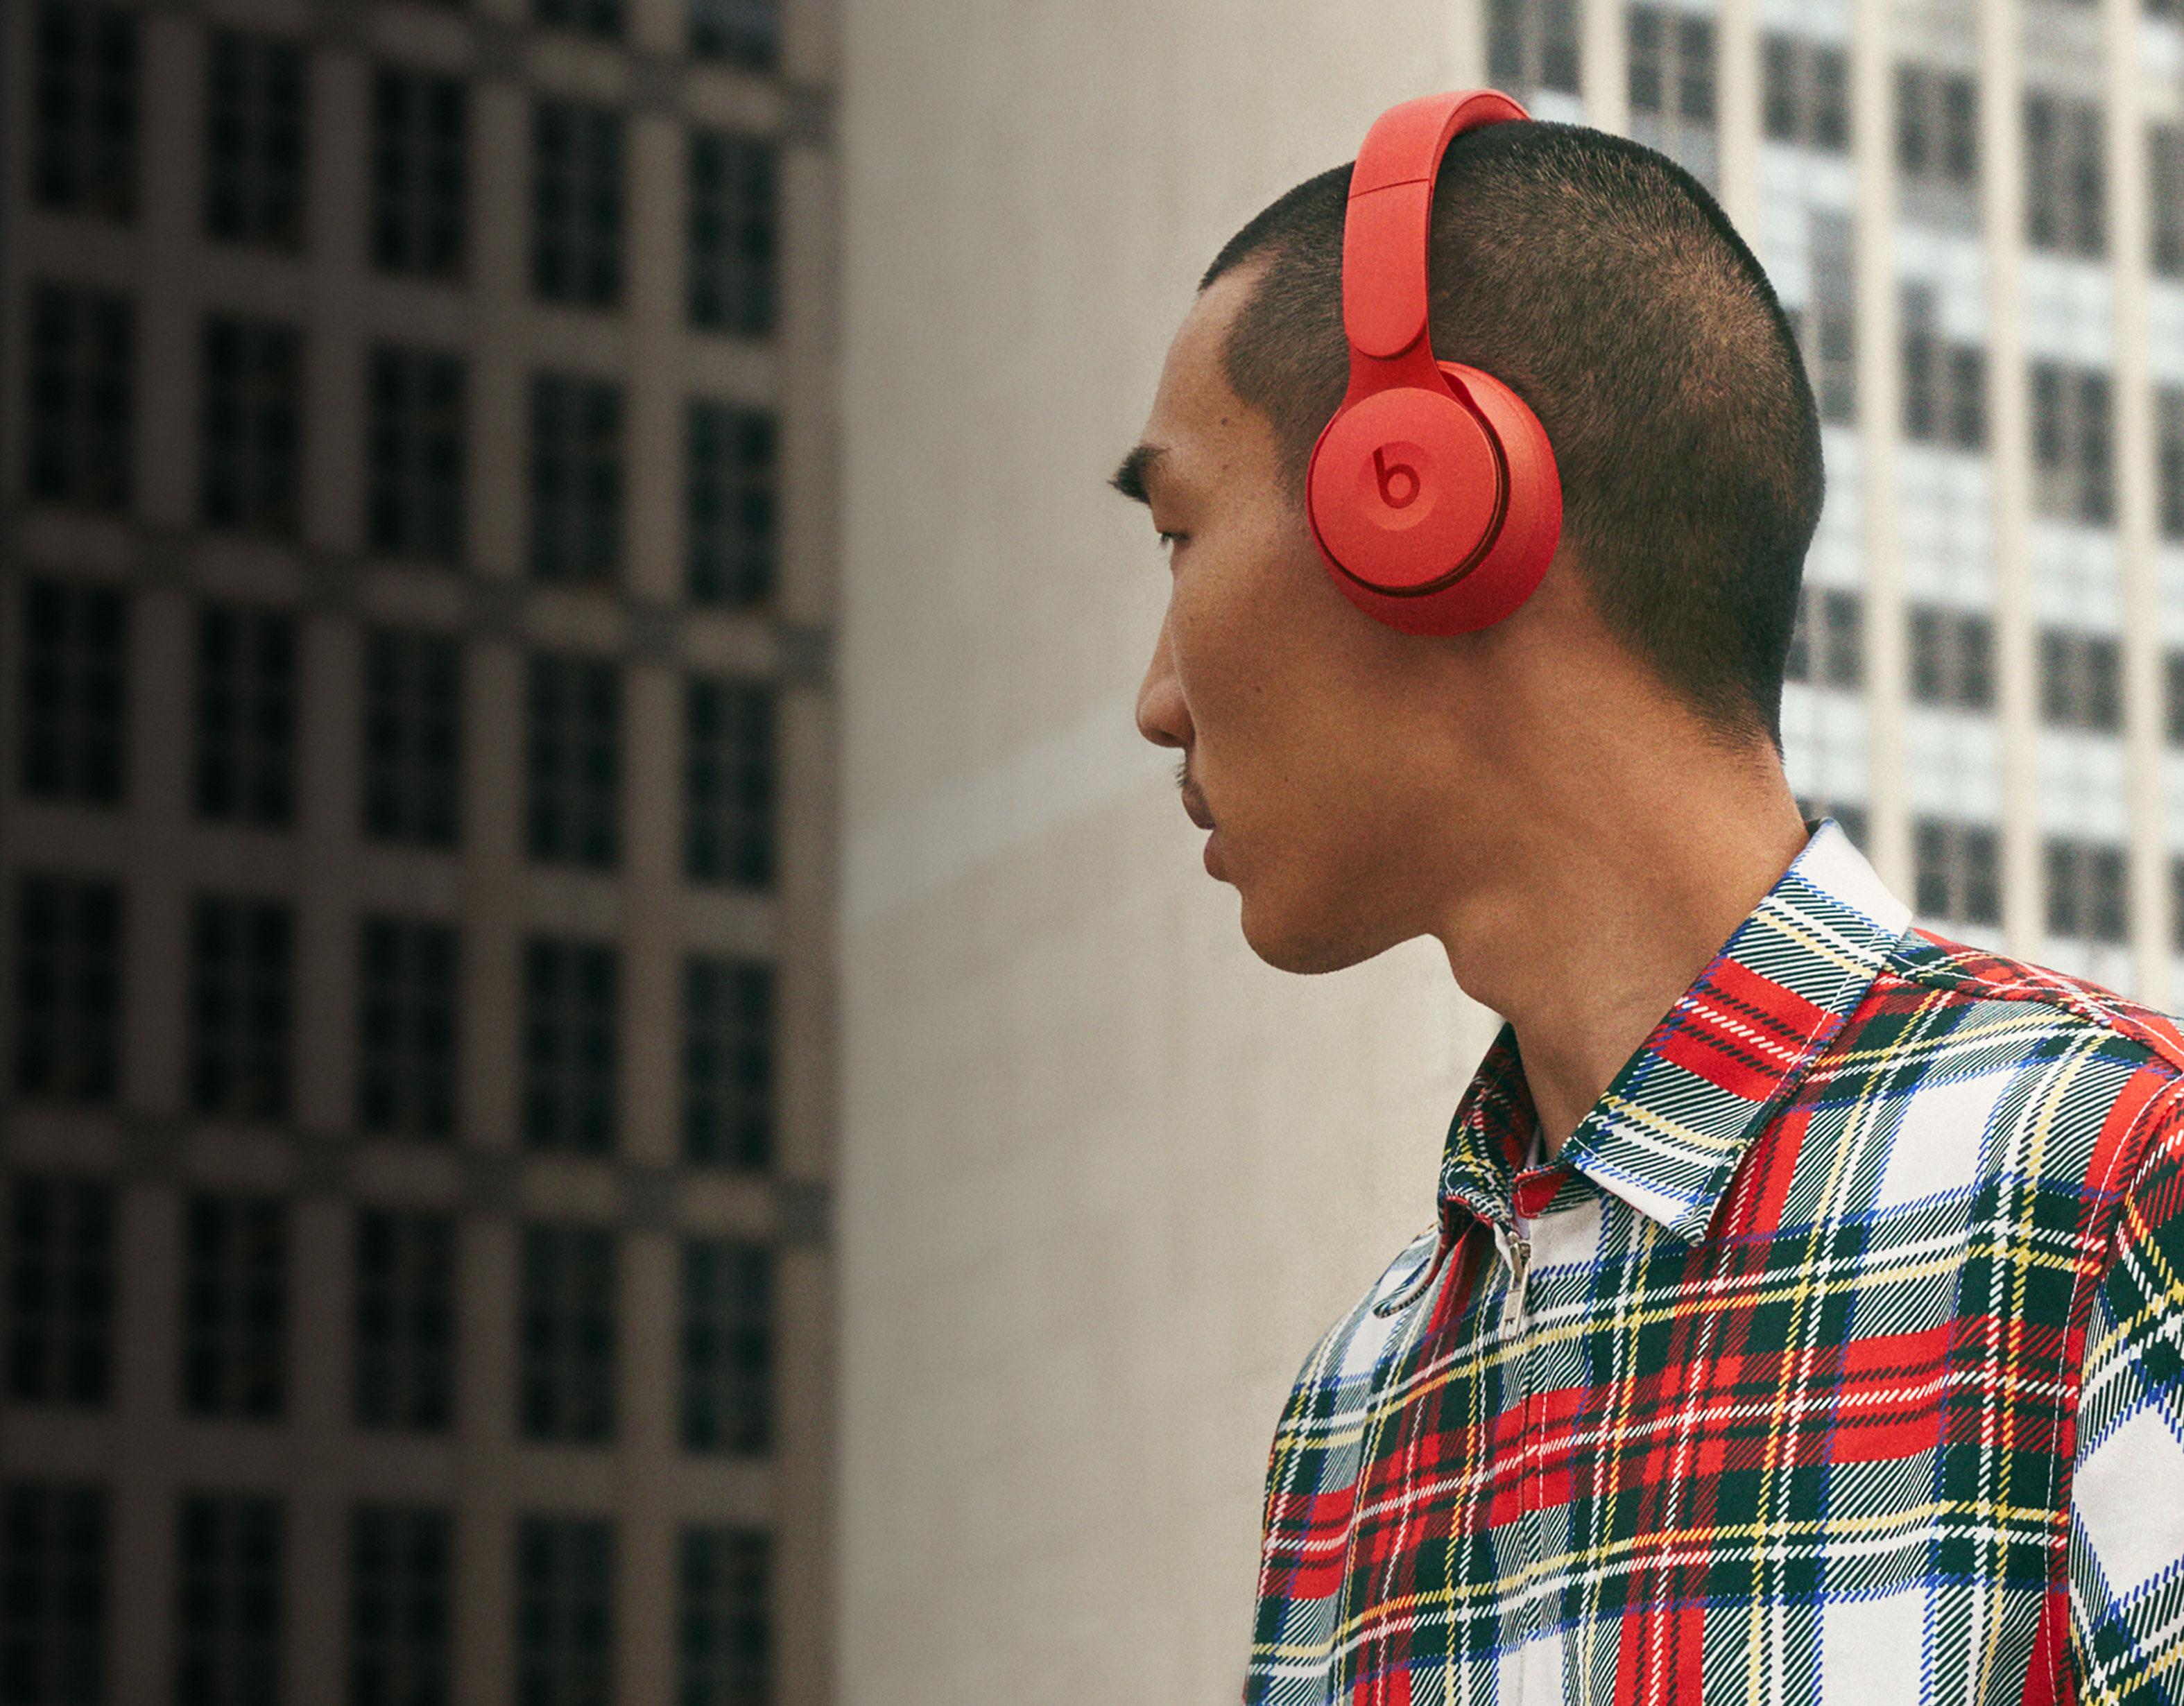 Beats Solo Pro Wireless Noise Cancelling On Ear Headphones Beats By Dre